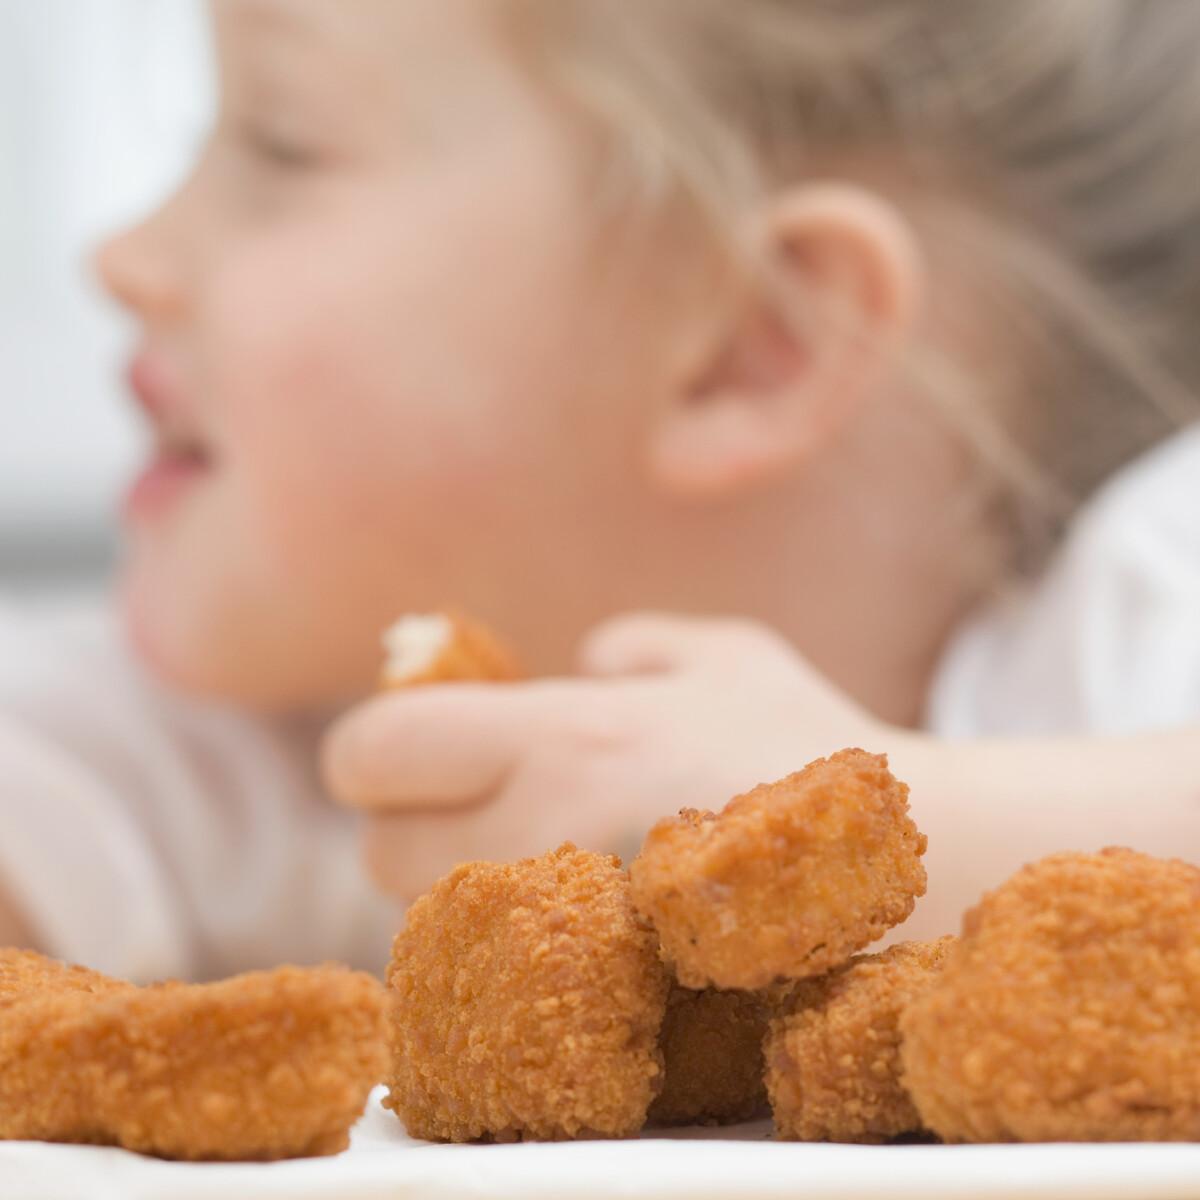 Rengeteg pénzt követel a vegetáriánus nő a bébiszittertől, mert húst adott a gyerekeinek